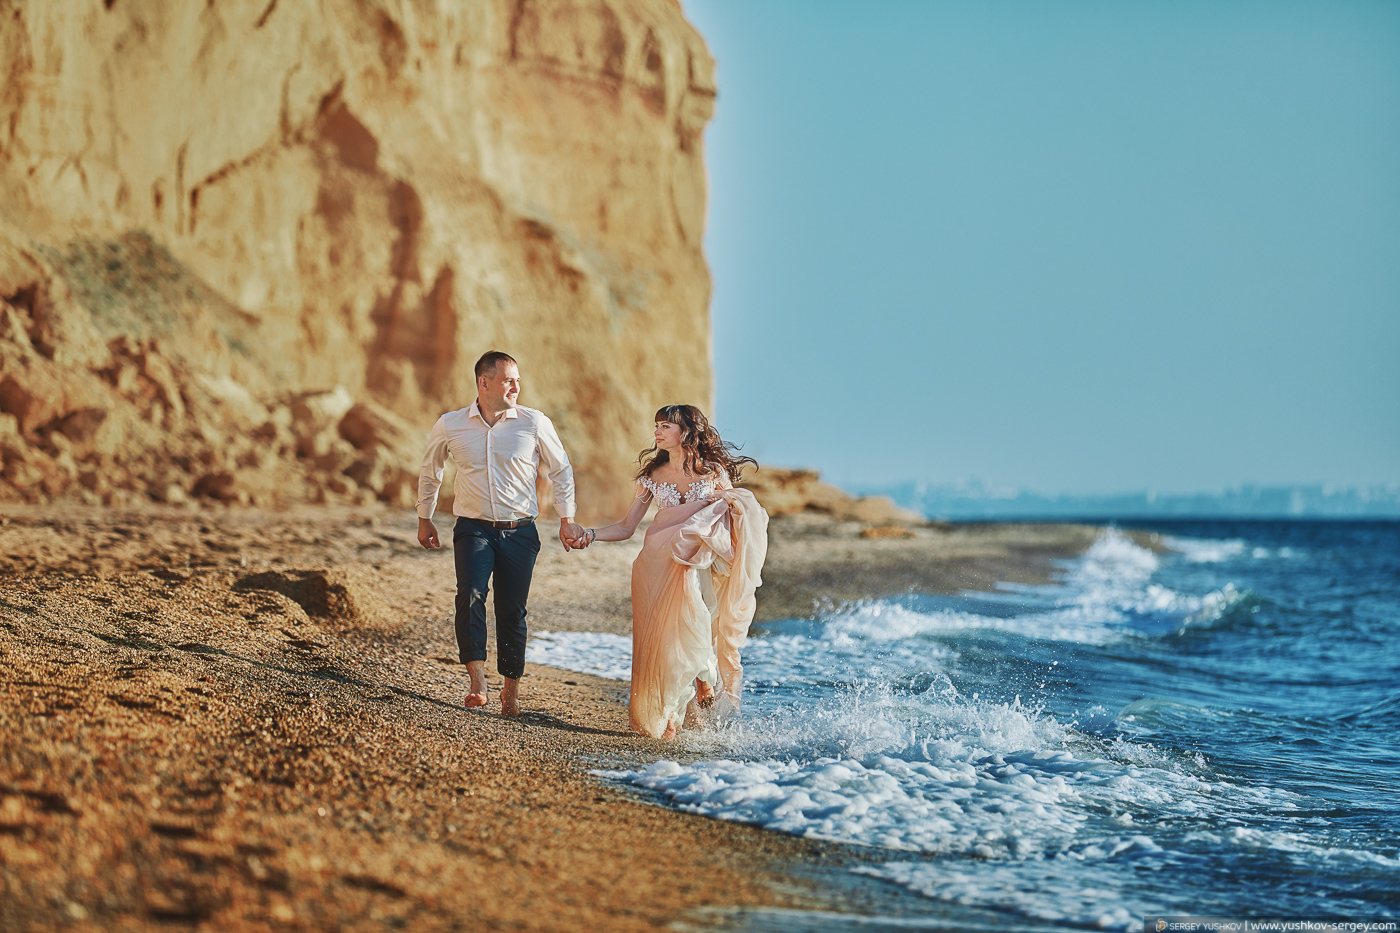 Свадьба для двоих в Крыму. Фотосессия на закате. Свадебный фотограф - Сергей Юшков.